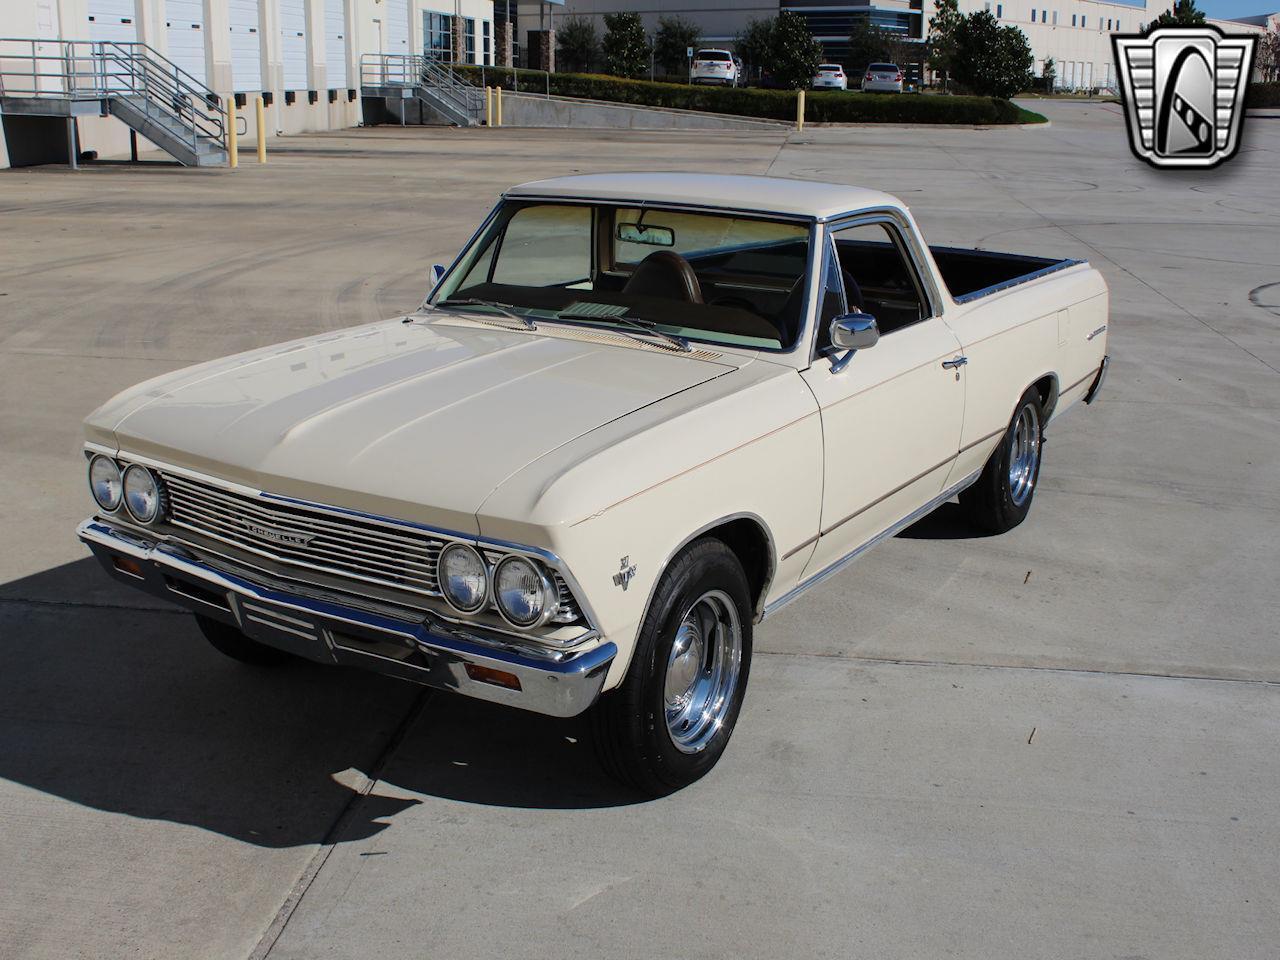 1966 Chevrolet El Camino (CC-1341572) for sale in O'Fallon, Illinois